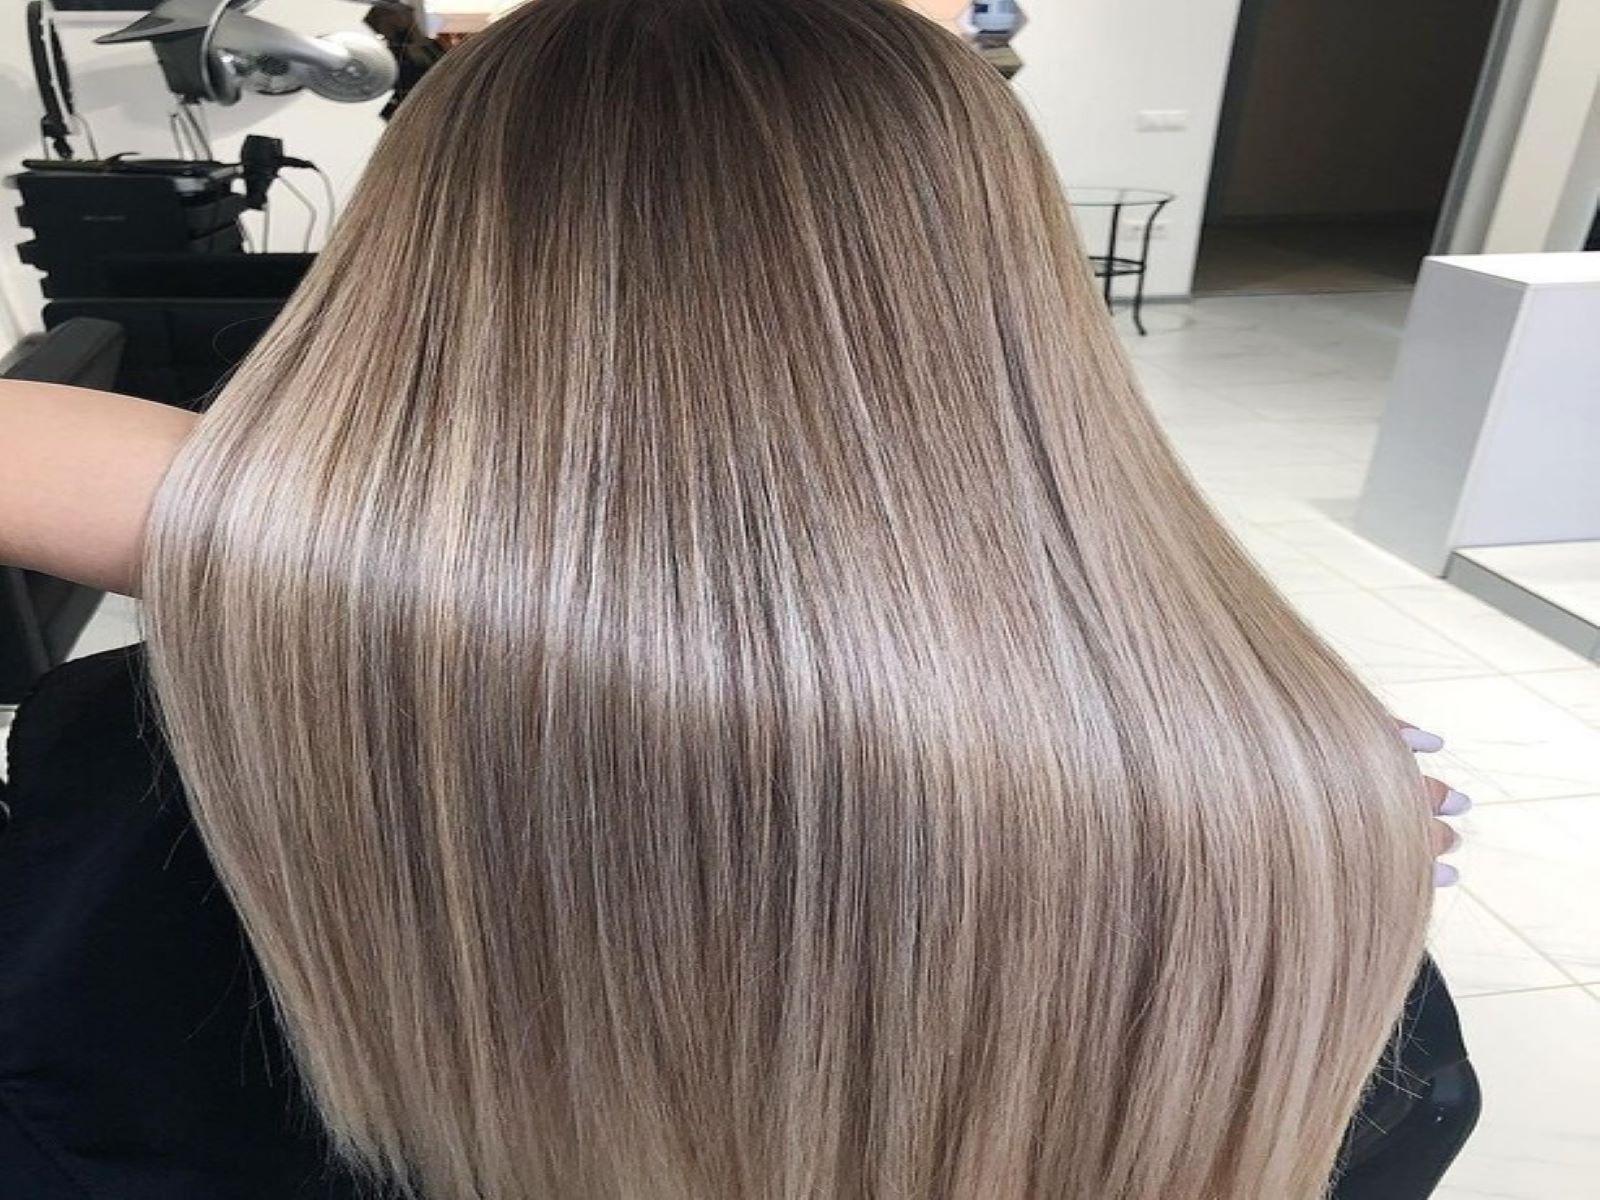 Μόδα μαλλιά 2020: Ποιο το χρώμα μαλλιών για τον φετινό χειμώνα